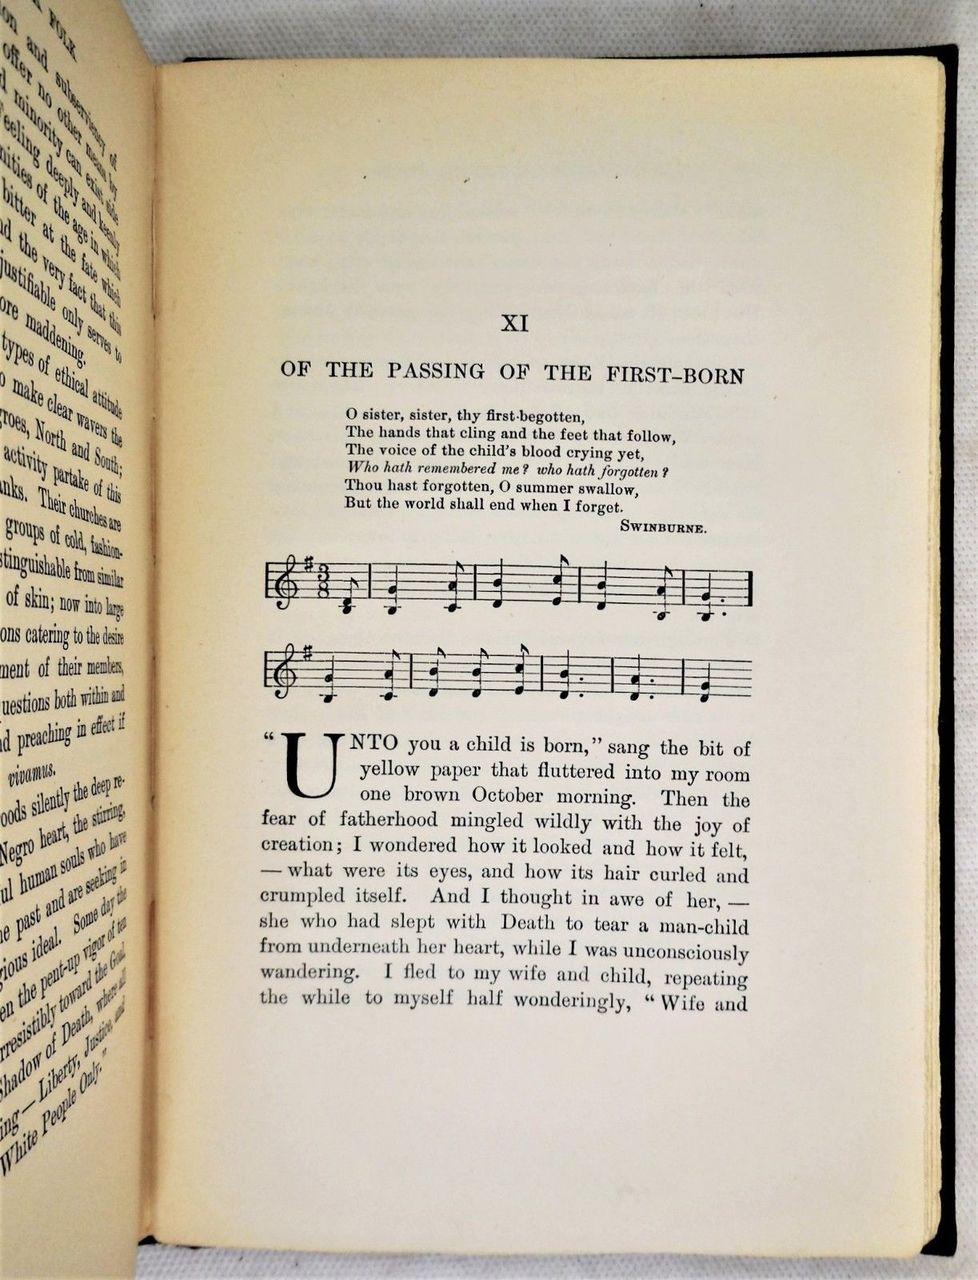 THE SOULS OF BLACK FOLK, by W.E.B. Du Bois - 1903 [true 1st]